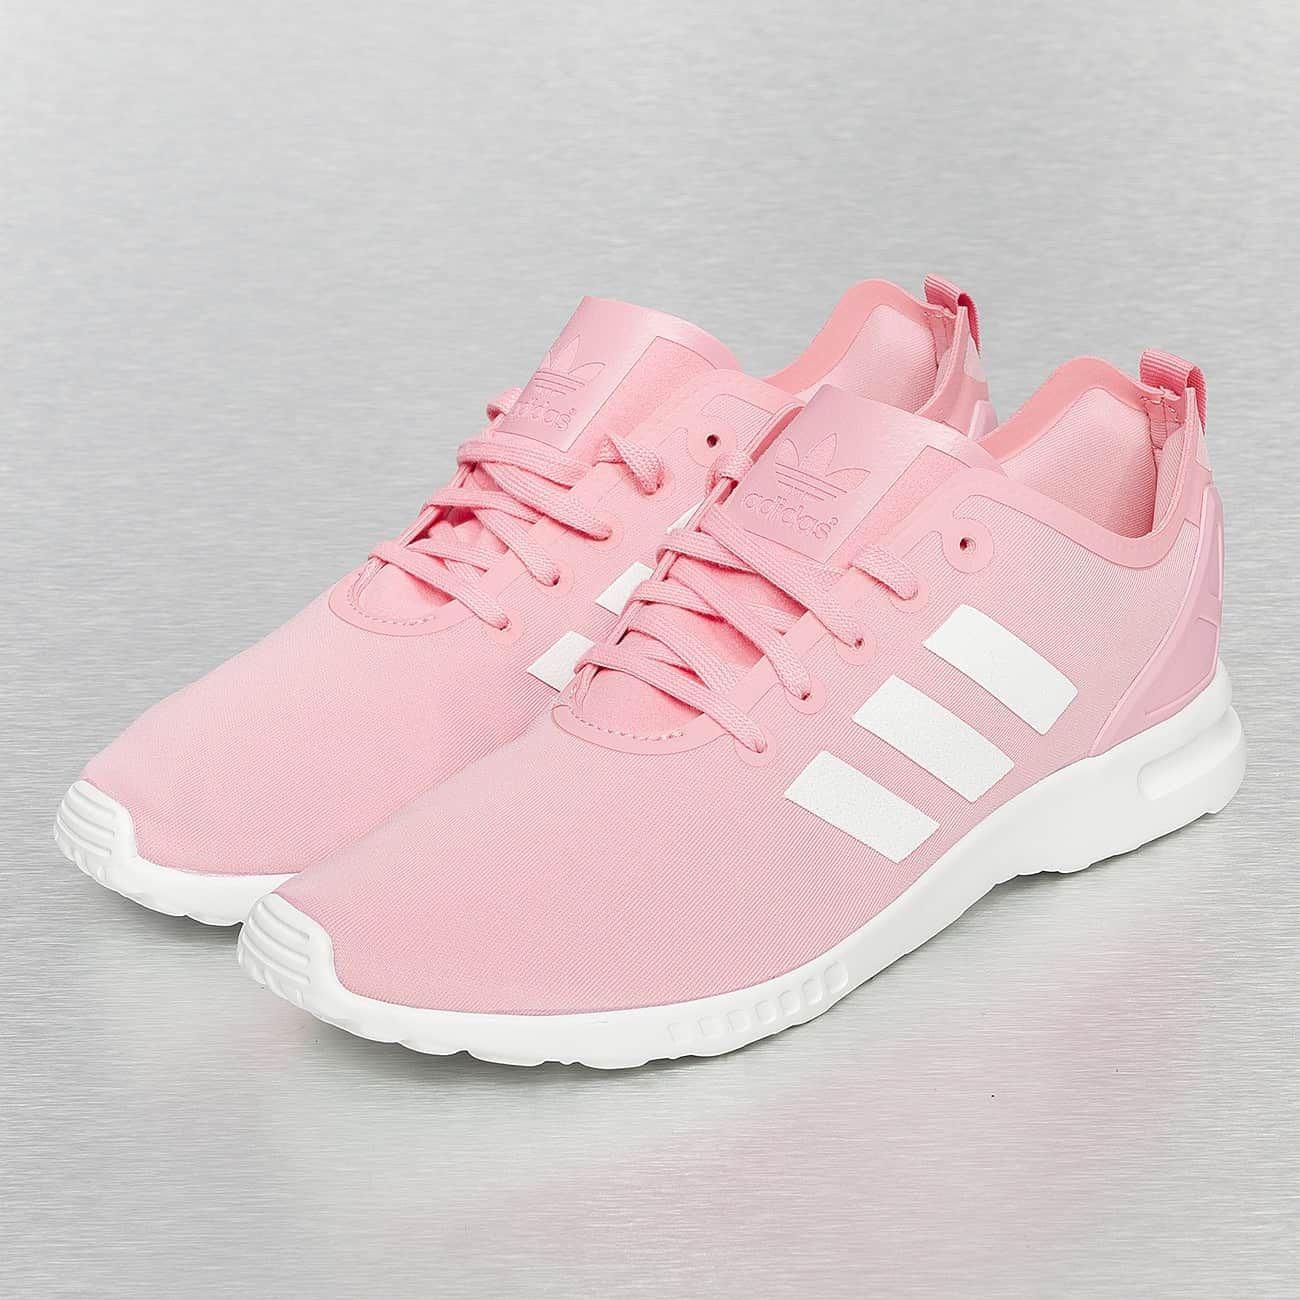 Adidas Zx Flux Weiß Pink